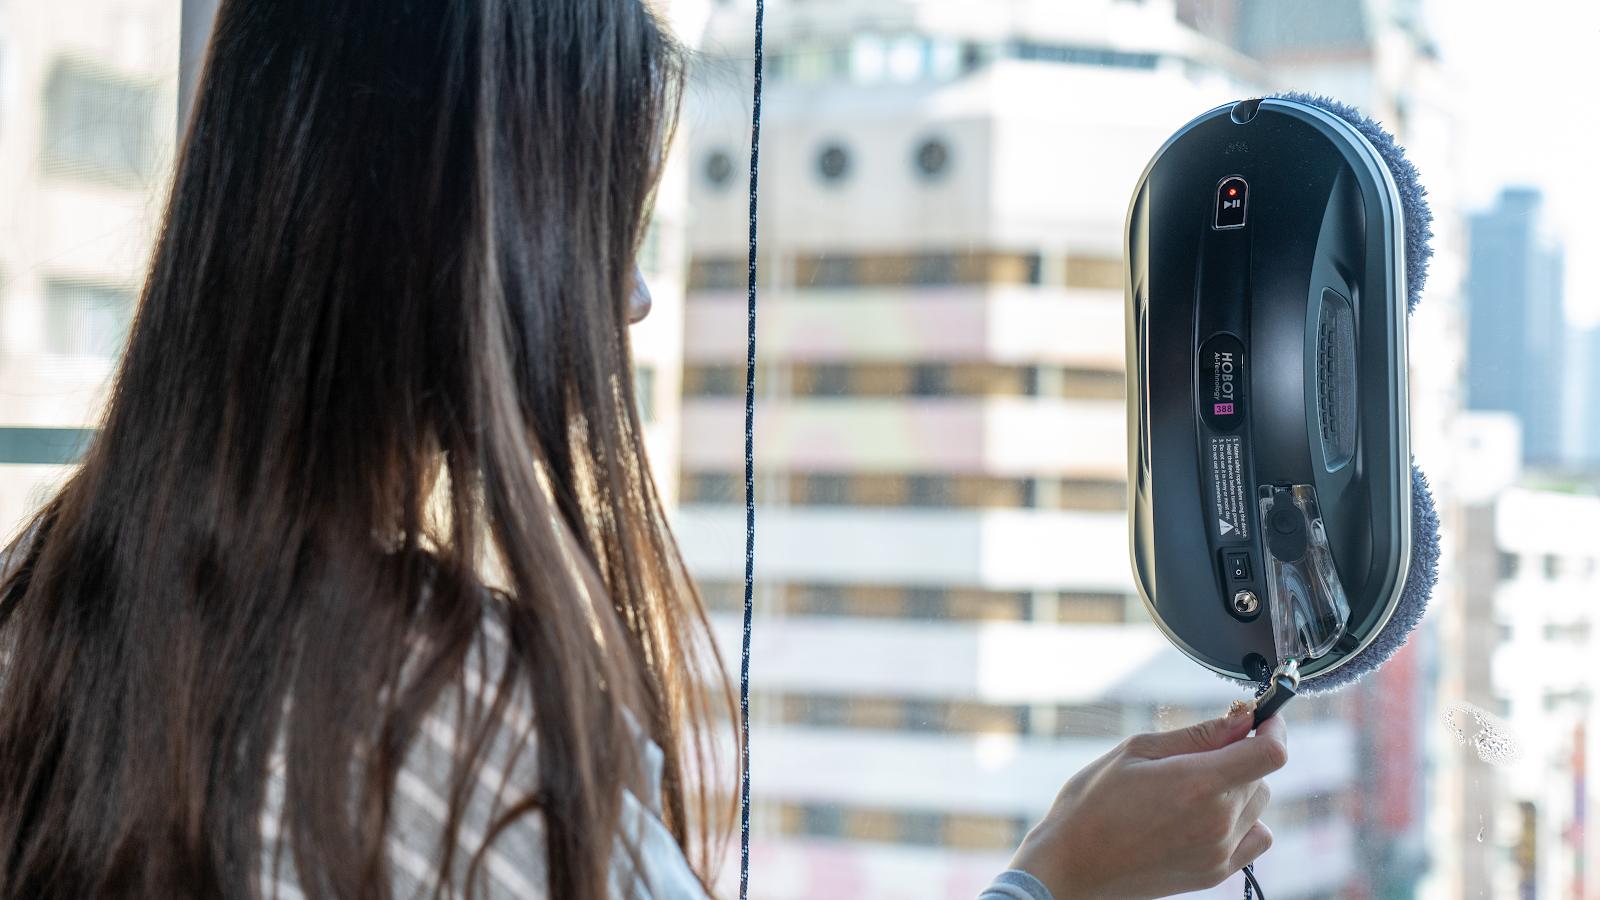 窗戶哪有這麼難清?玻妞擦窗機器人 HOBOT-388 可以幫上忙嗎?